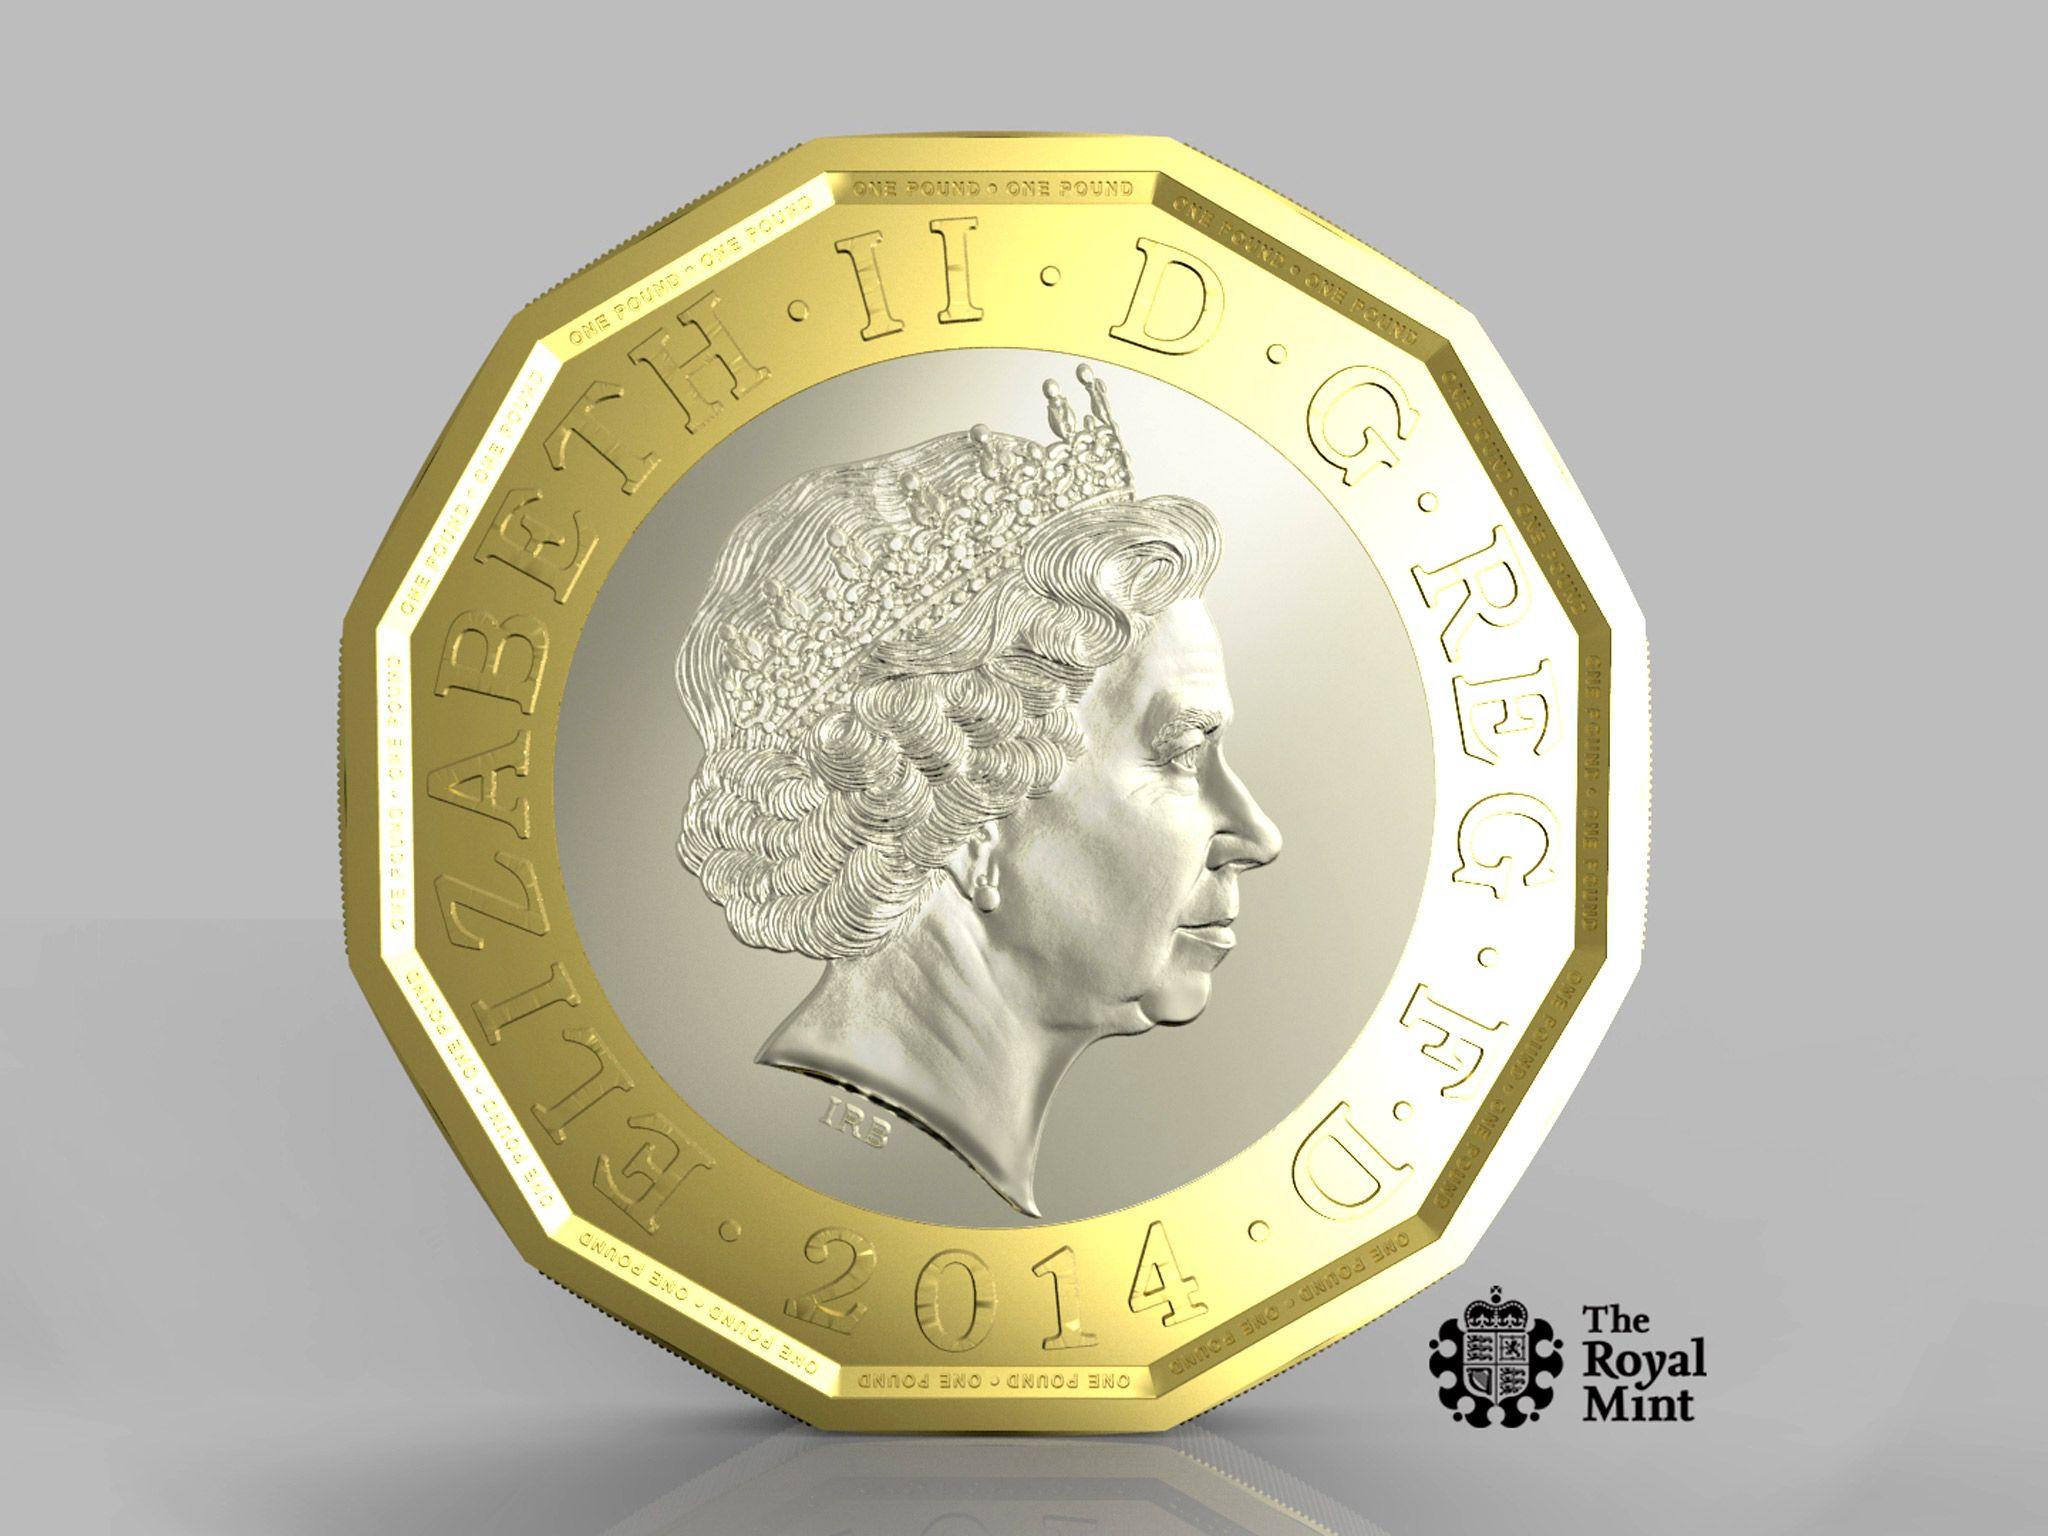 Британия выпускает самую защищенную монету в мире